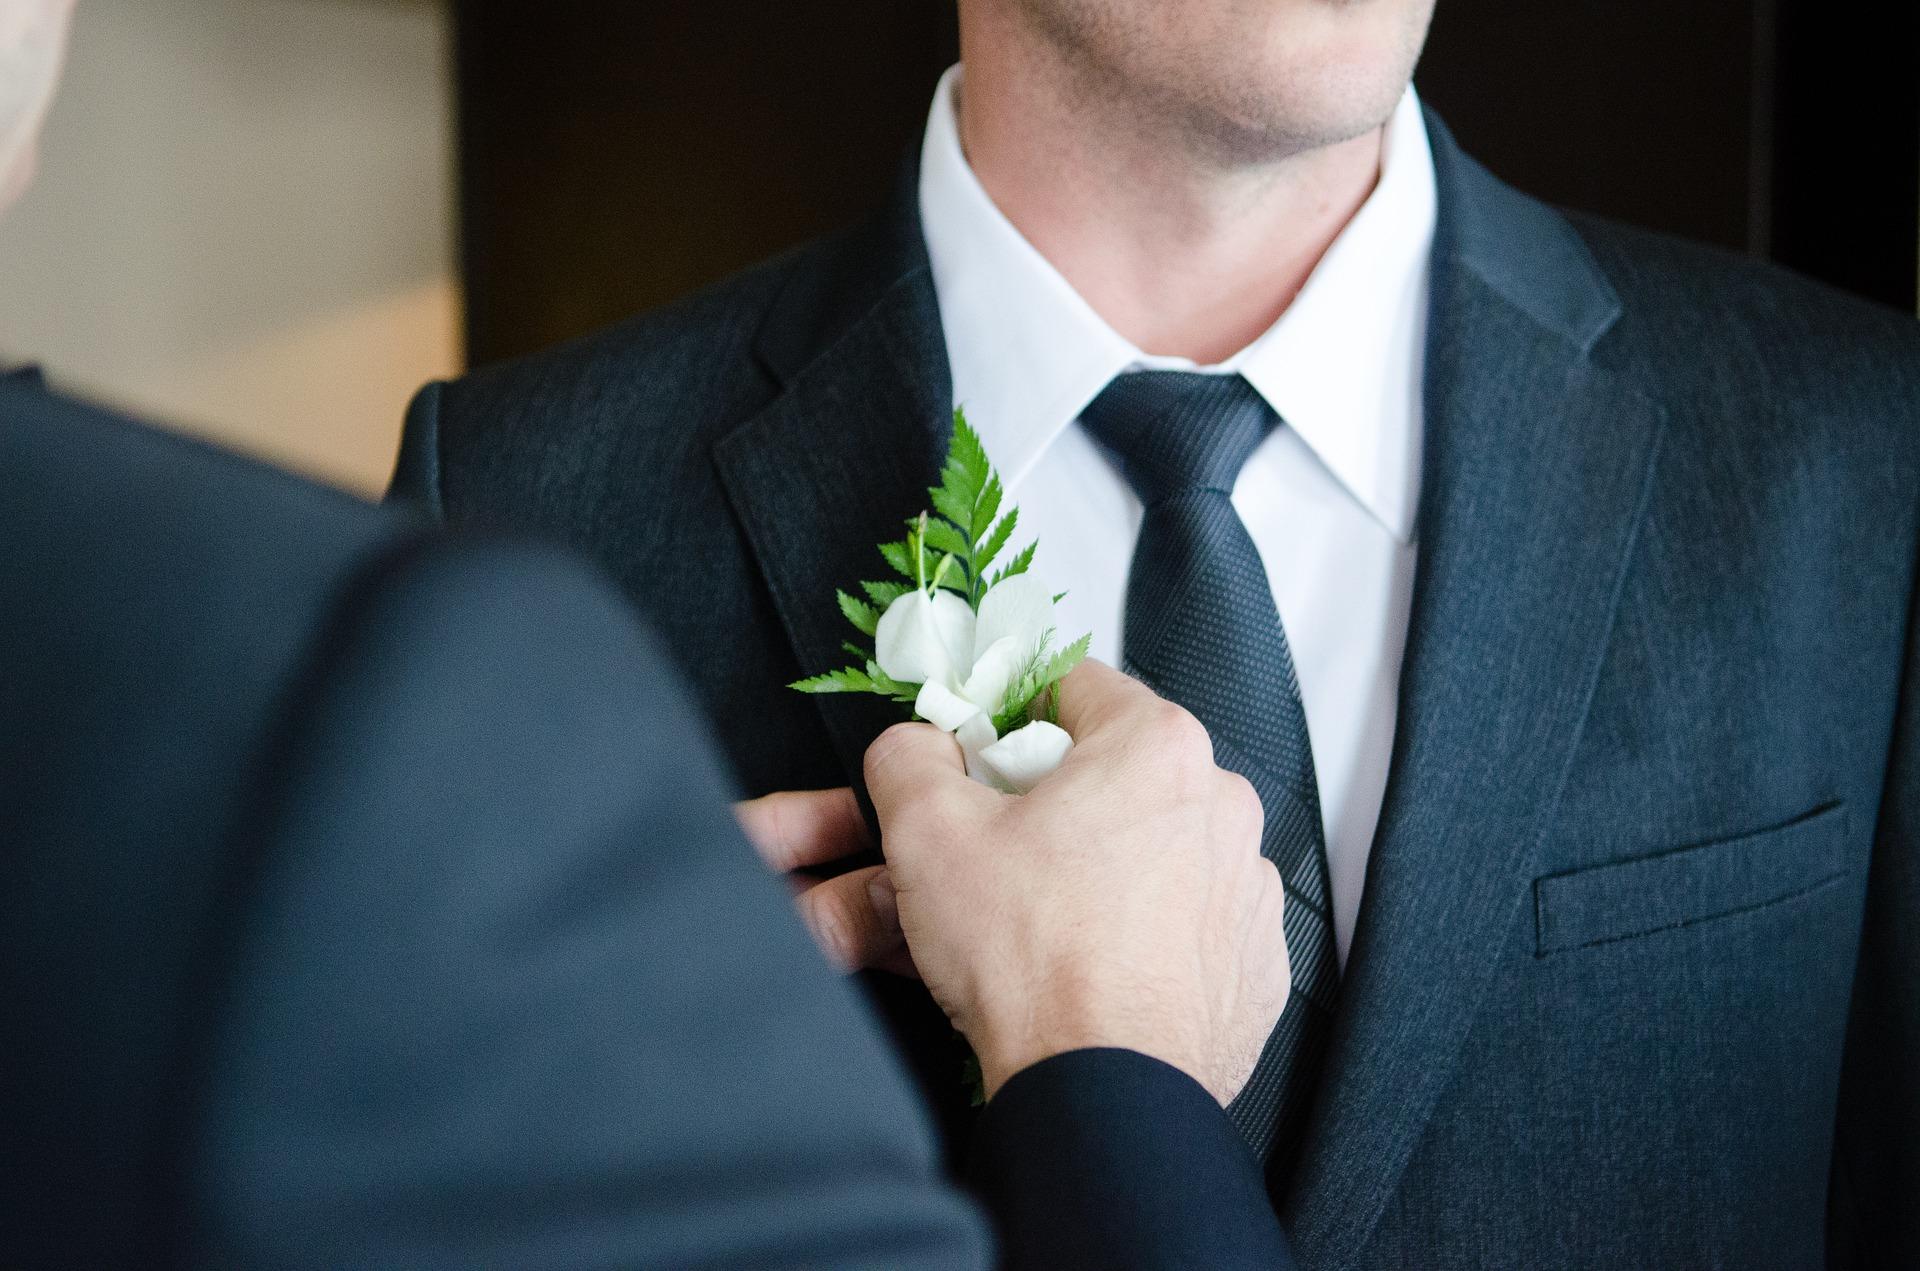 ¿Cómo elegir el traje de novio adecuado?